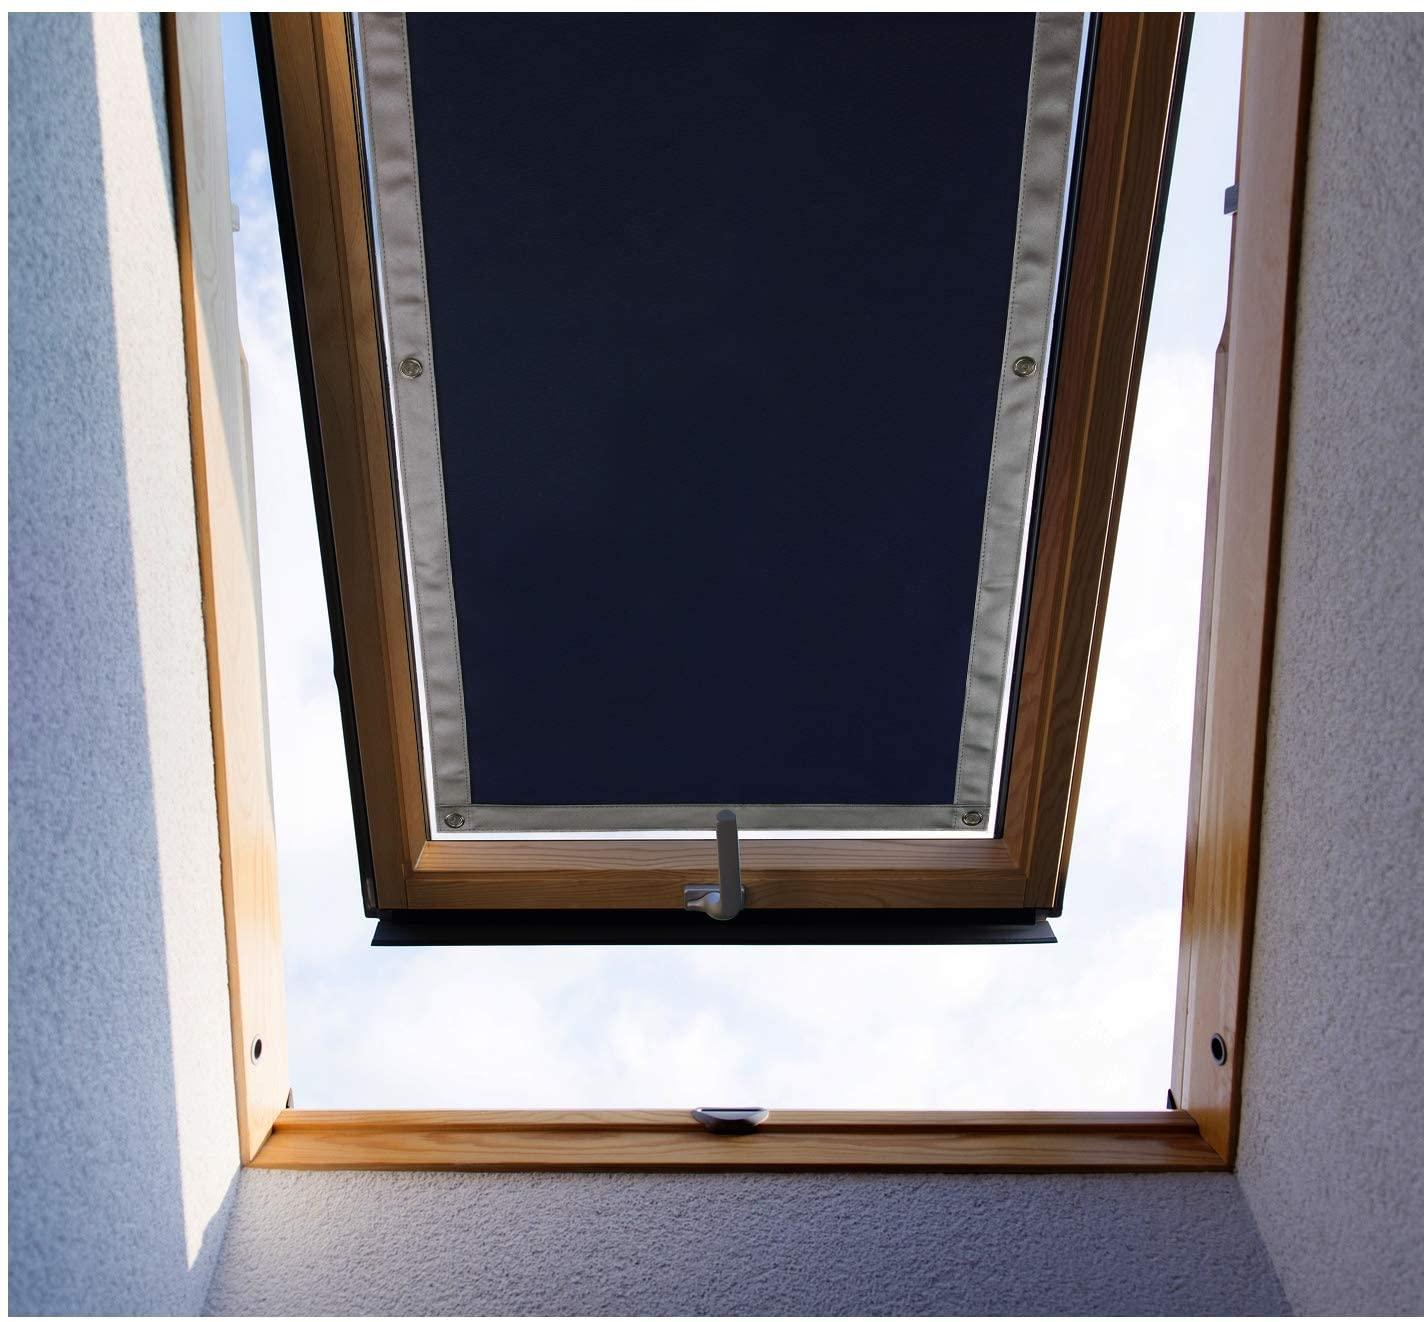 Full Size of Sonnenschutz Fenster Innen Saugnapf Amazonde Purovi Thermo Fr Dachfenster Sichtschutz Für Rc 2 Preisvergleich Günstig Kaufen Rolladen Nachträglich Einbauen Wohnzimmer Sonnenschutz Fenster Innen Saugnapf